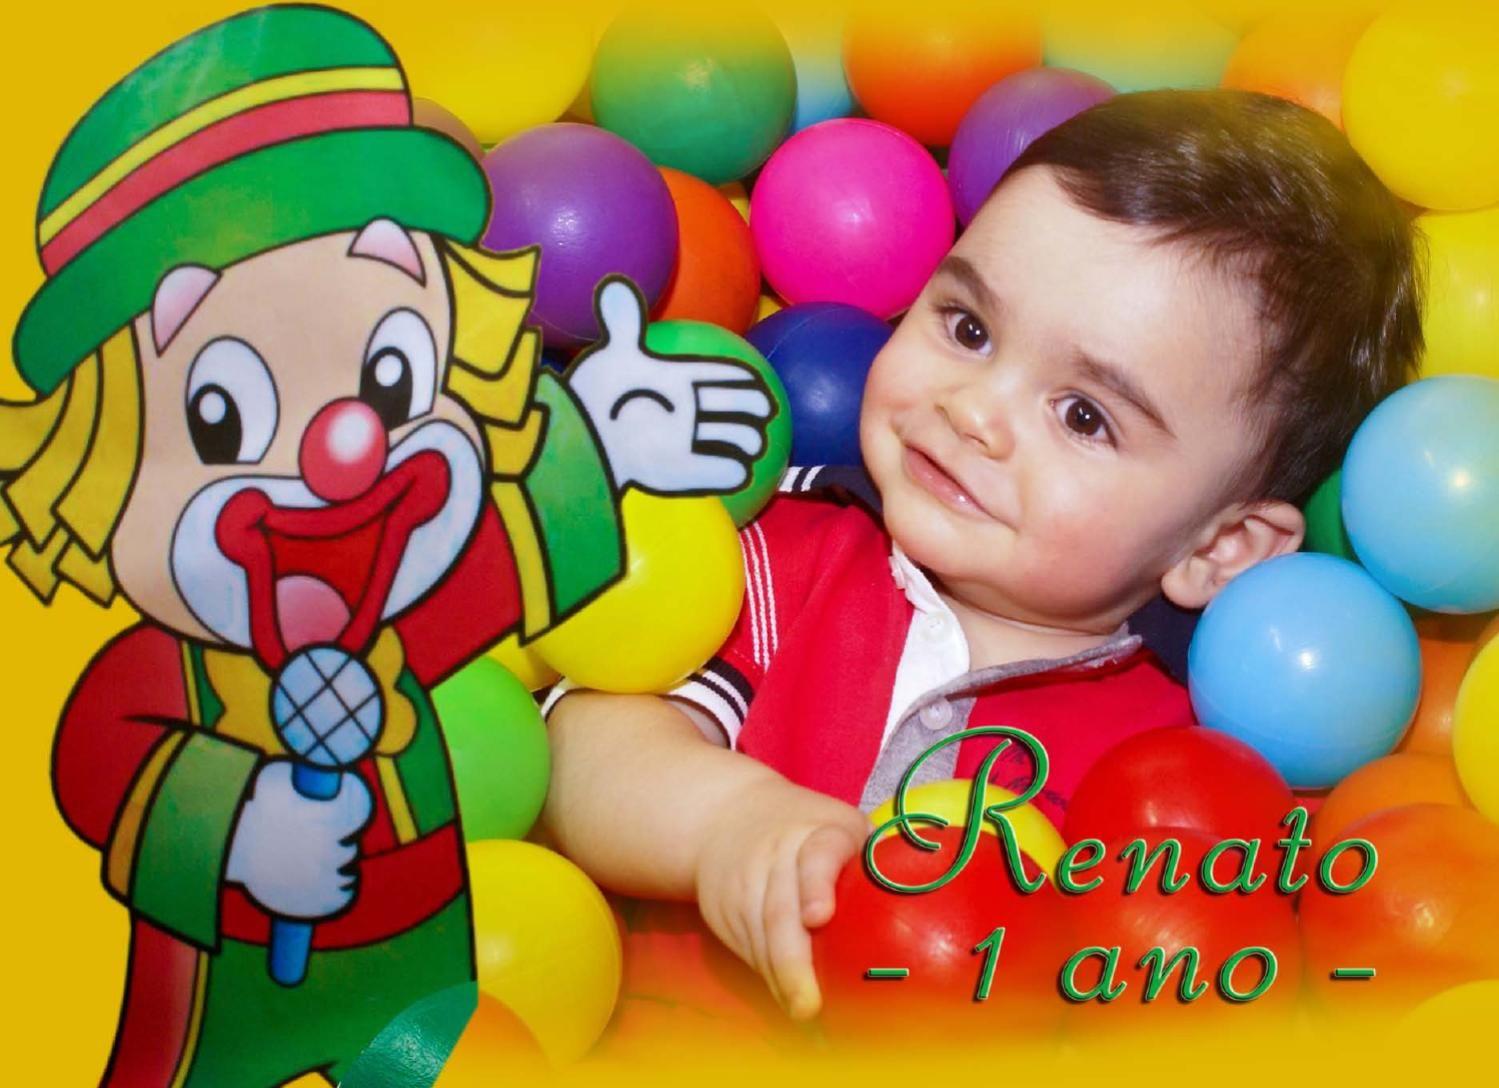 Aniversário de 1 ano de Renato, com tema do Patati Patatá Fotos, edição e montagem: Kátia Alessandra   F.: (11) 99384-0189